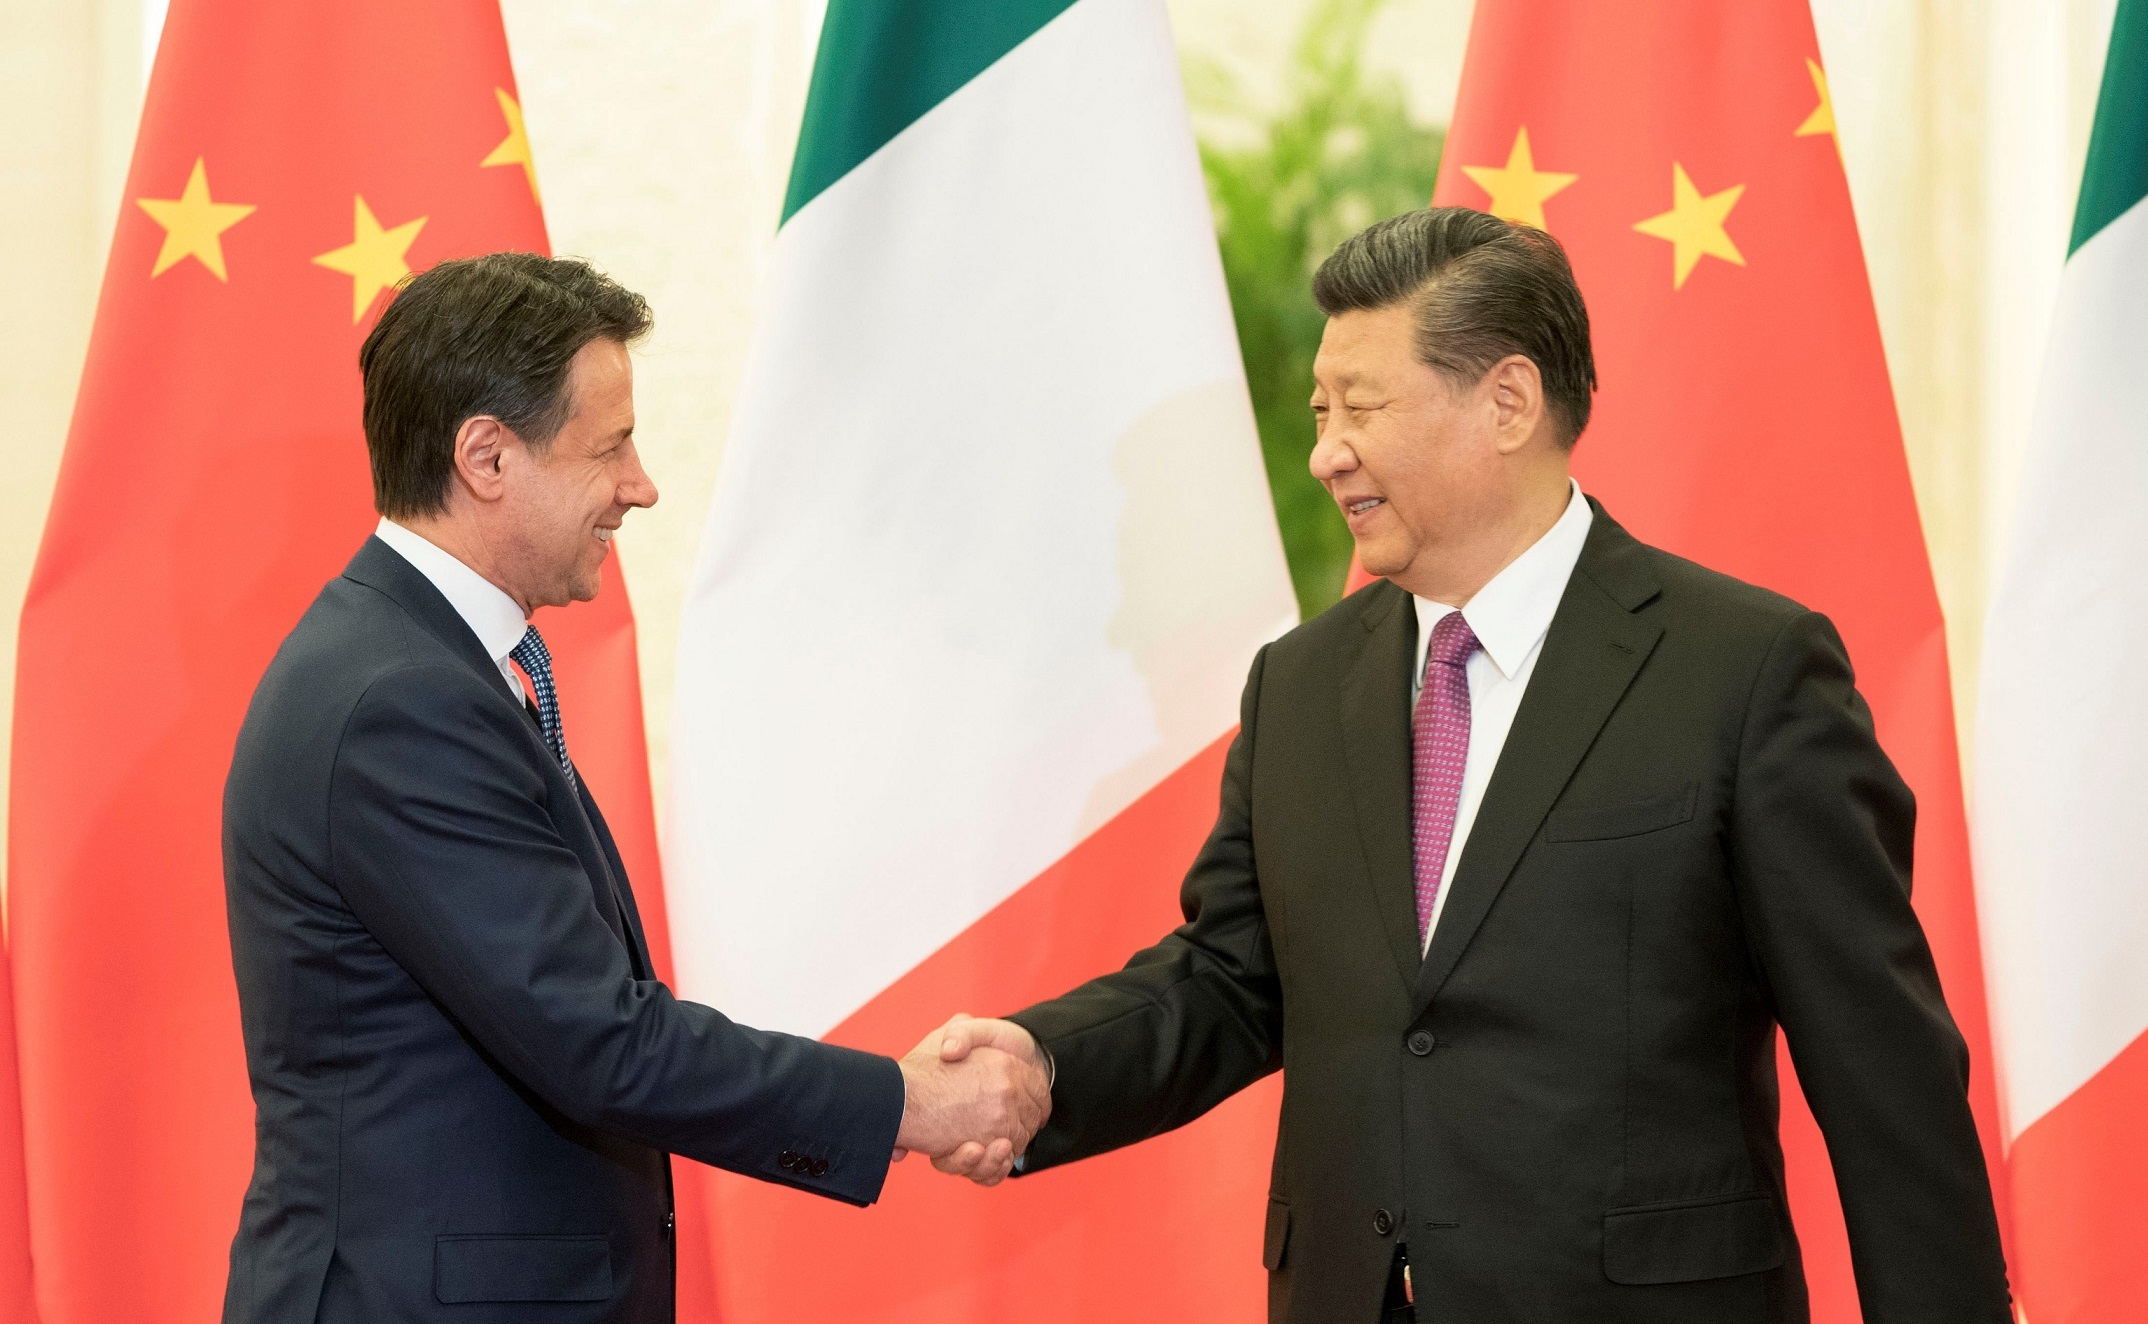 Italia Cina Import Export